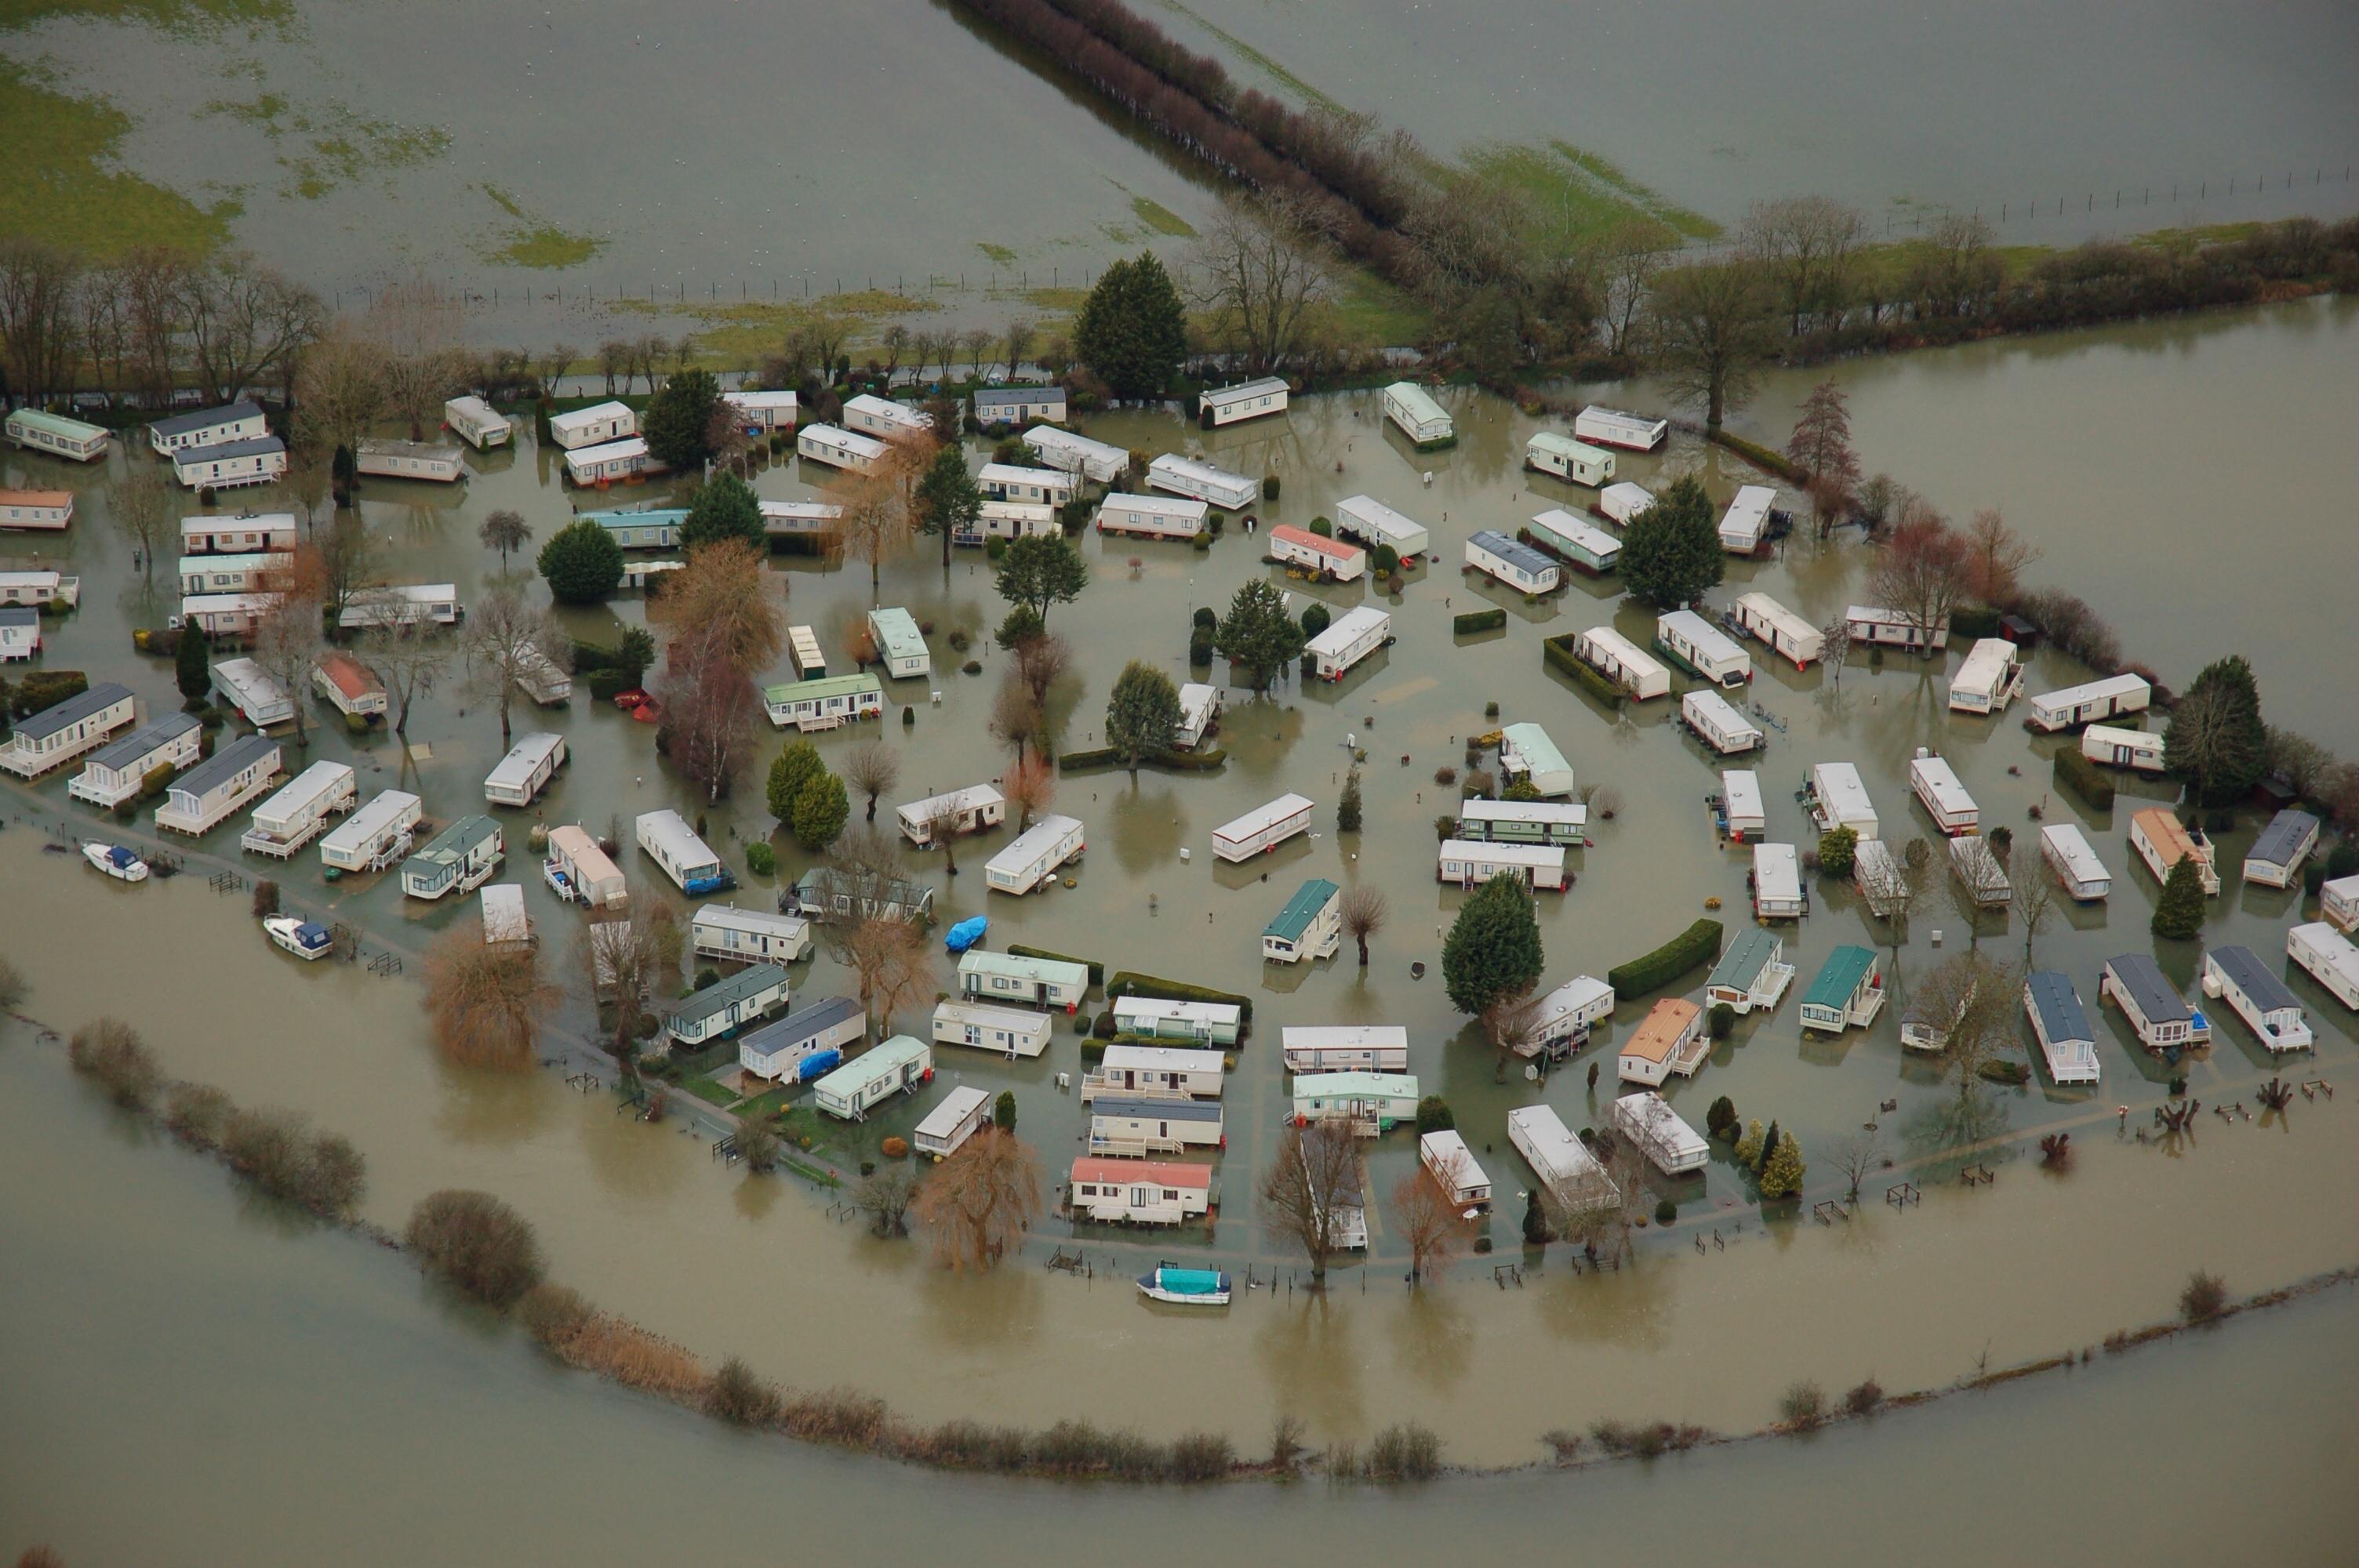 Flooded caravan park near Oxford